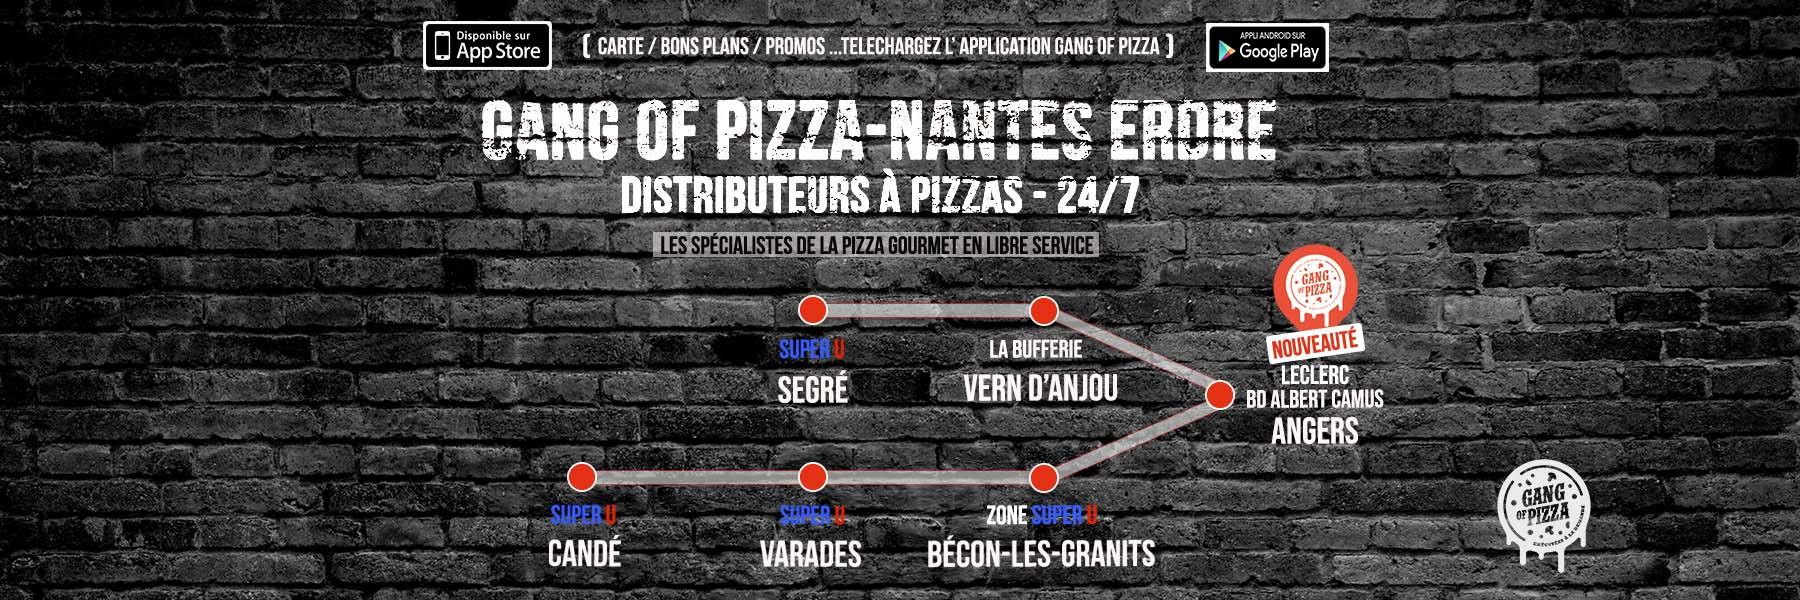 couverture-nantes-erdre-cande-varades-becon-sainte-gemmes-segré-erdre-en-anjou-angers-distributeurs-pizzas-24-7-libre-service-recette-gourmet-originale-gang-of-pizza